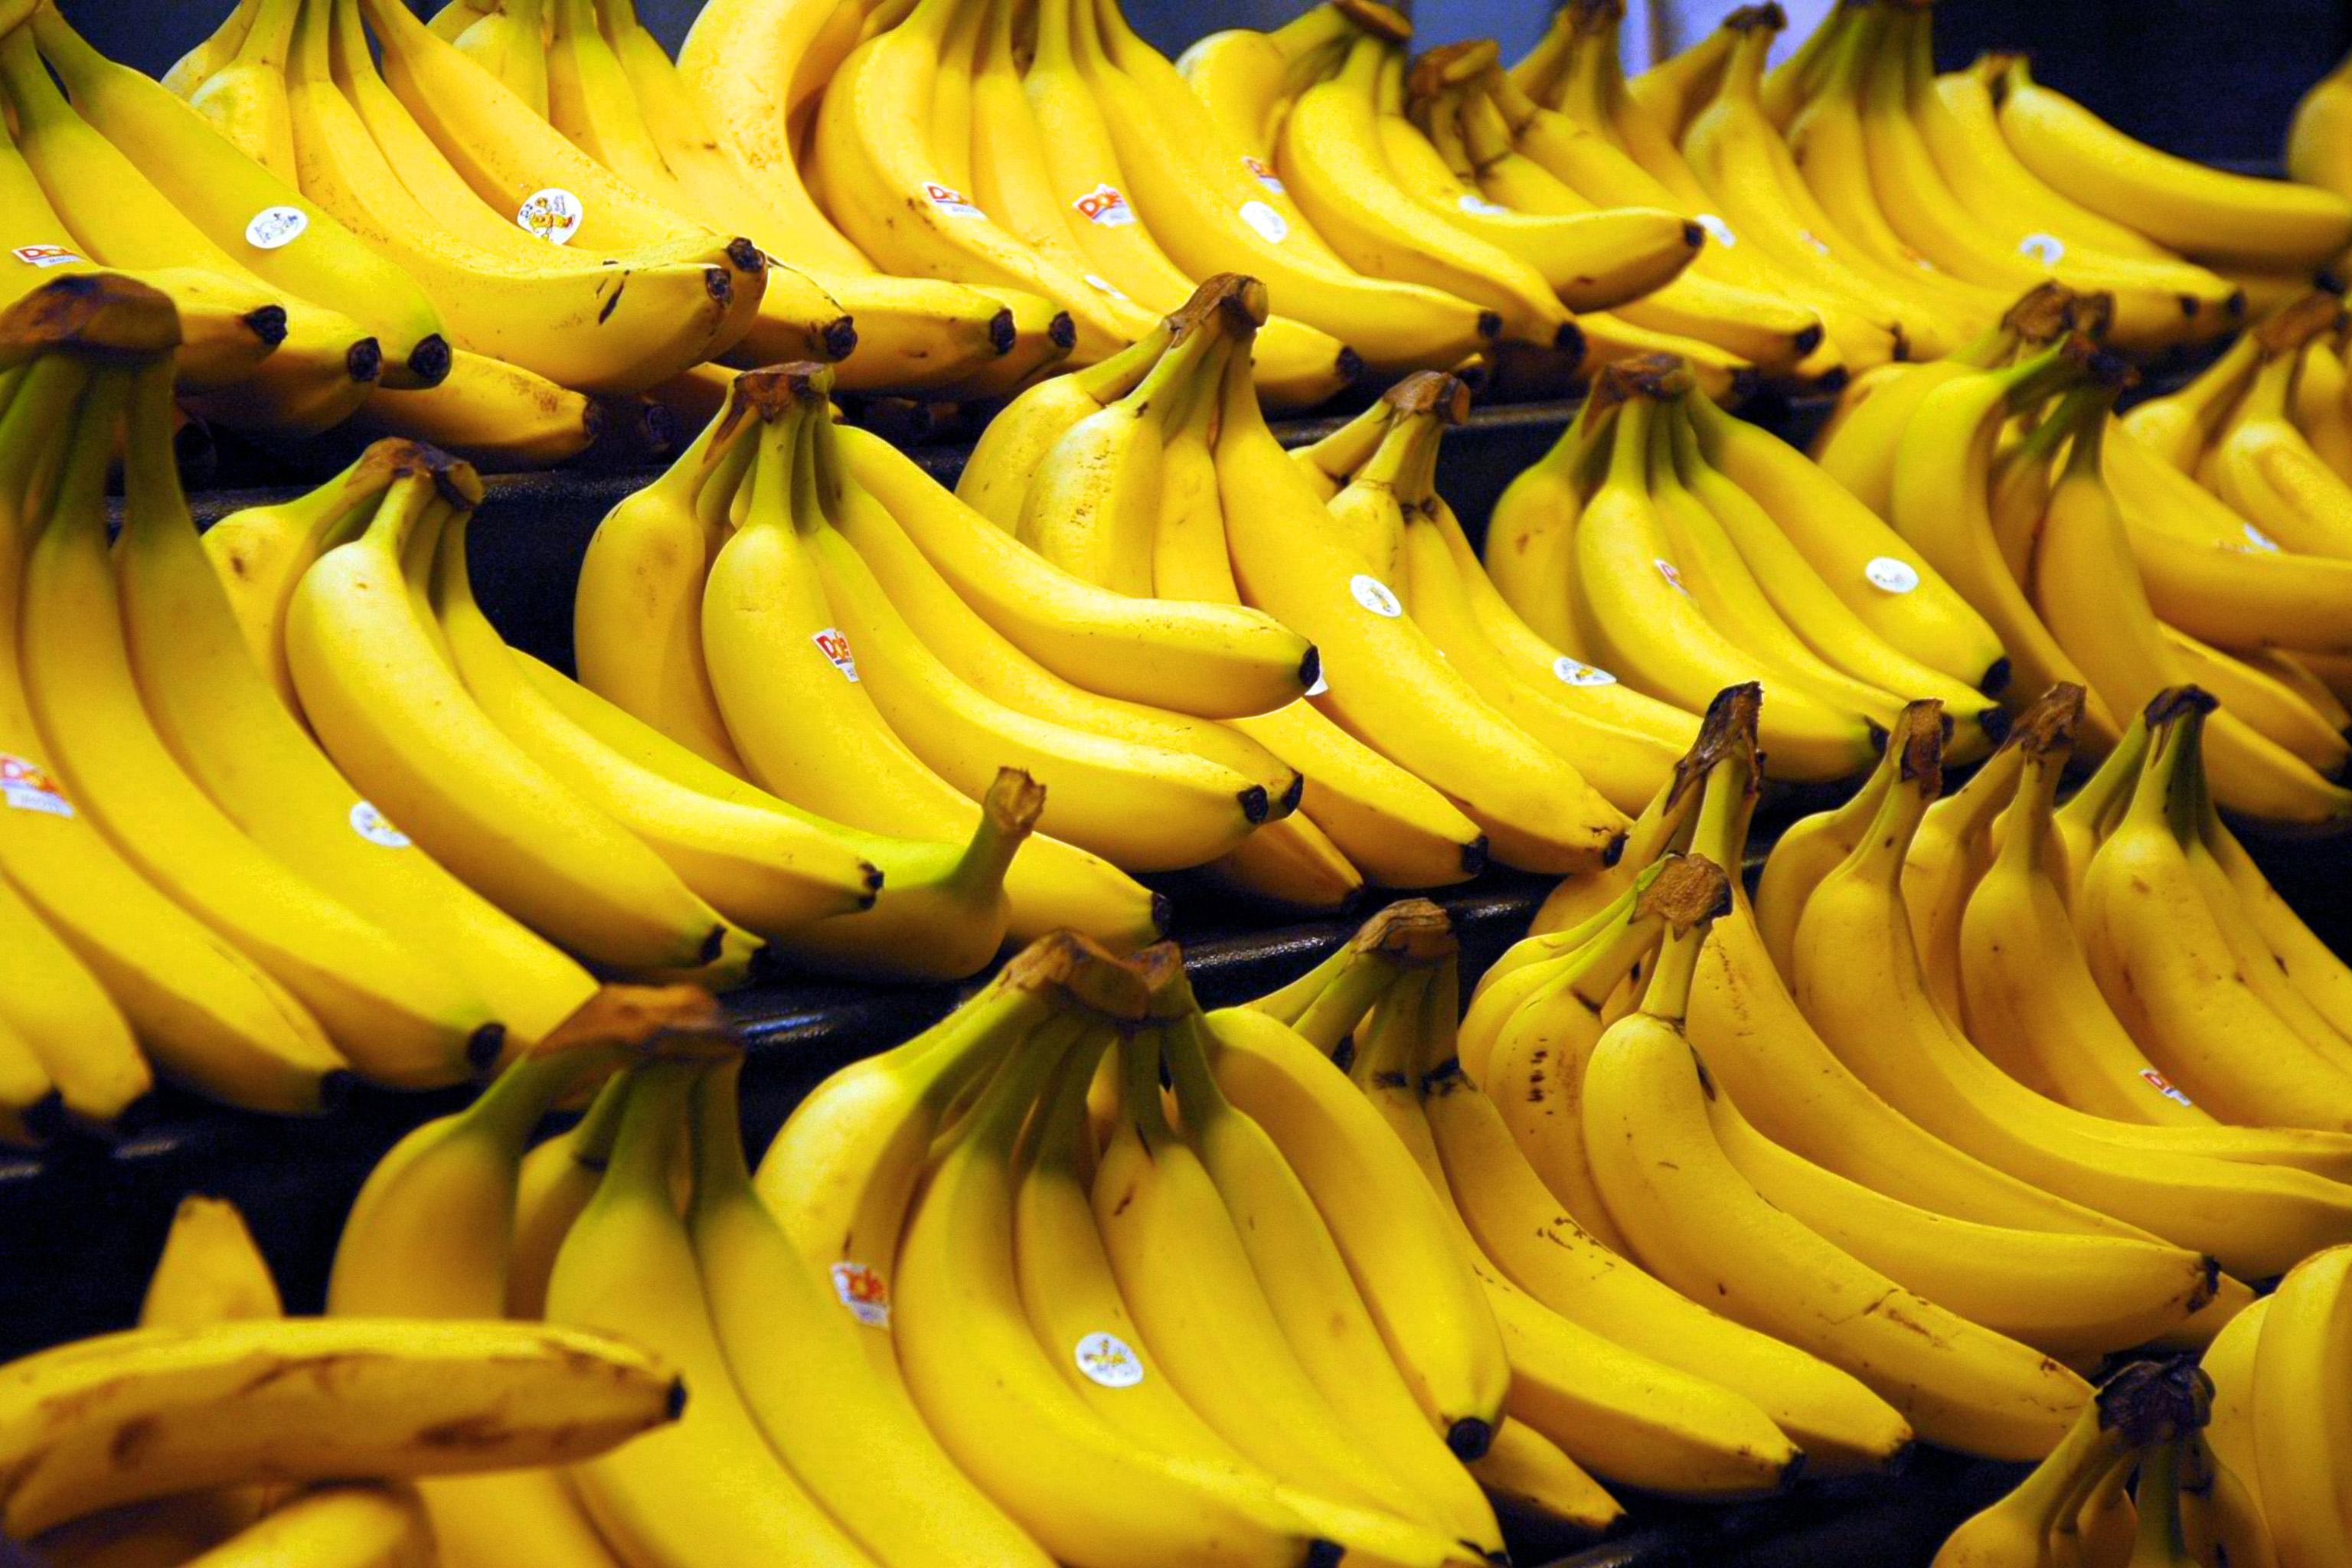 الموز خيارا مفيدا لفقدان الوزن